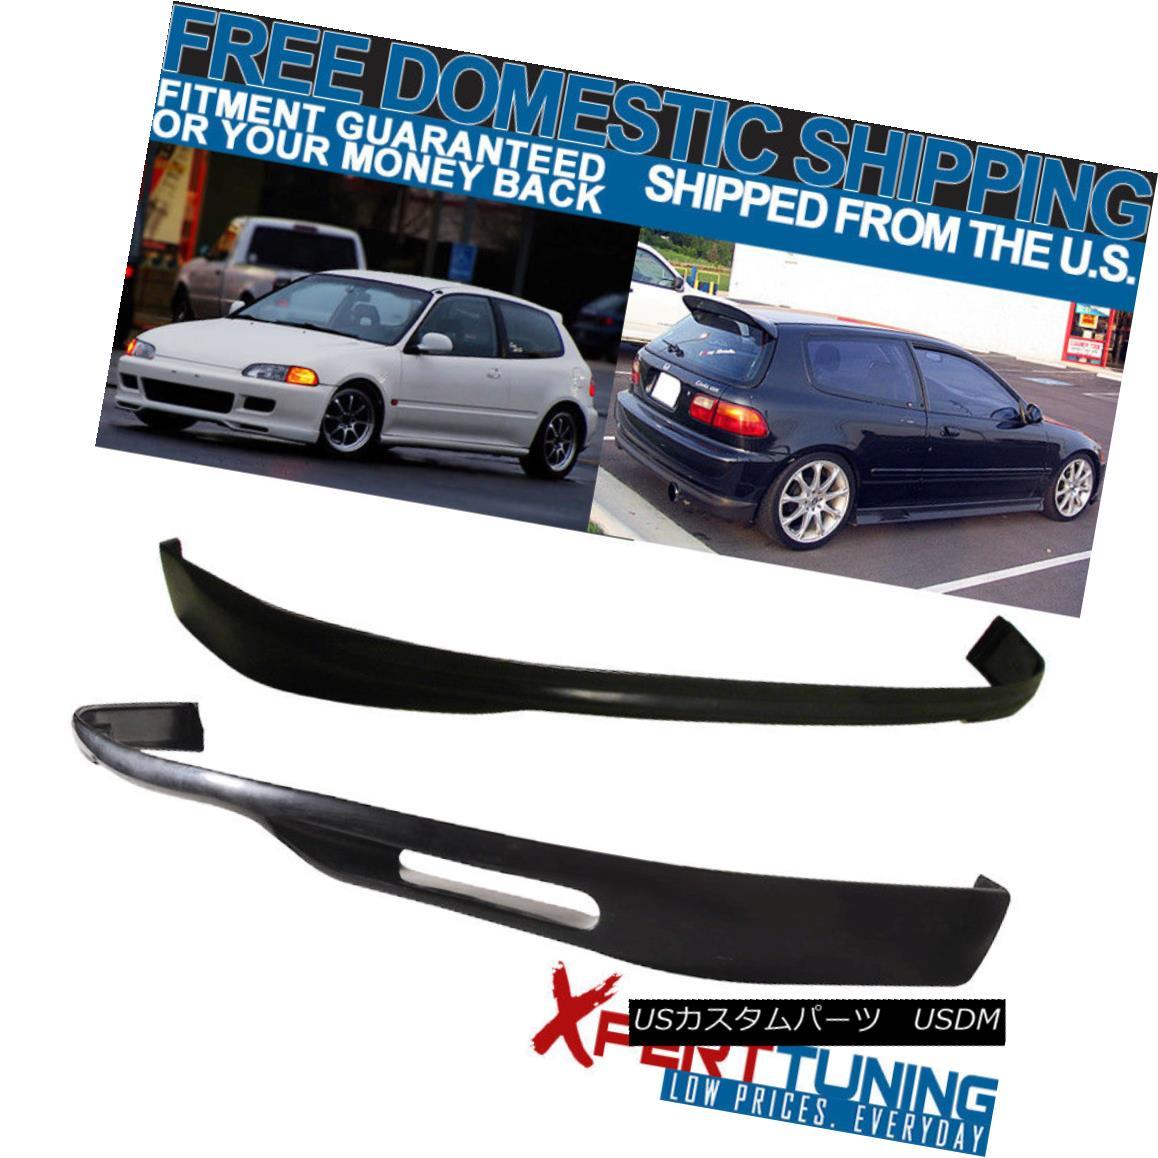 エアロパーツ Fits 92-95 Honda Civic EG WW Style Front + Rear Bumper Lip - Poly Urethane フィット92-95ホンダシビックEG WWスタイルフロント+リアバンパーリップ - ポリウレタン